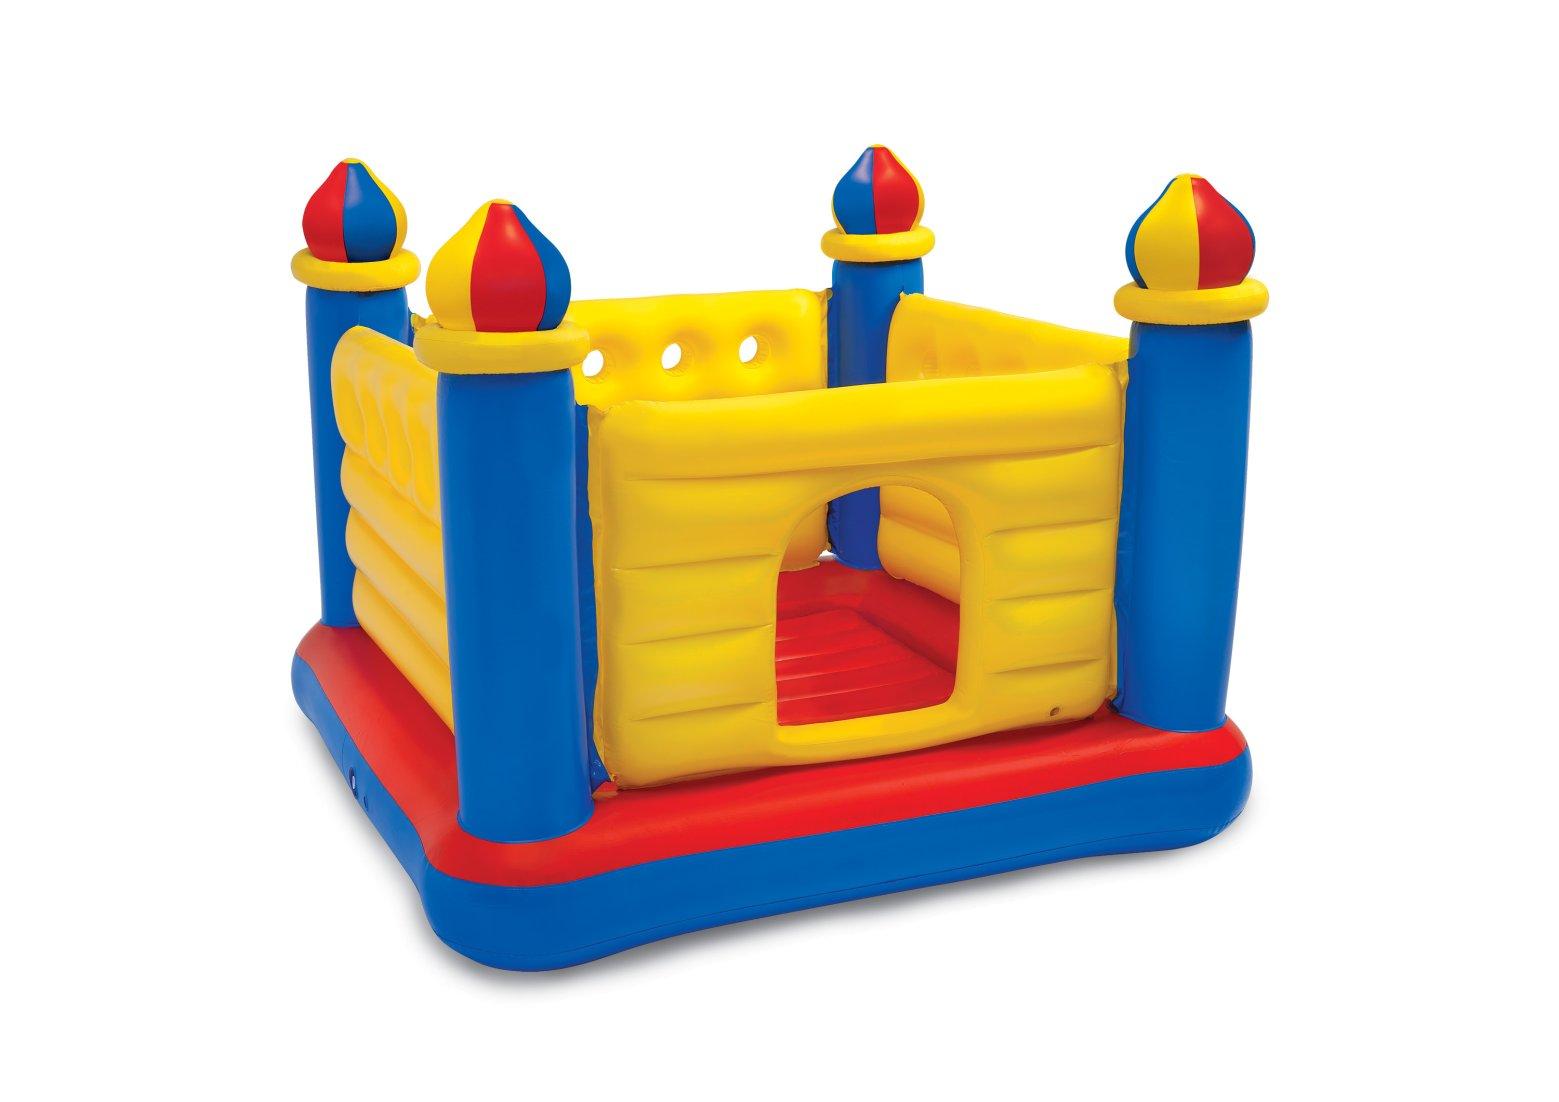 特价室内儿童玩具城堡小型家用大型淘气堡户外儿童玩具充气蹦蹦床